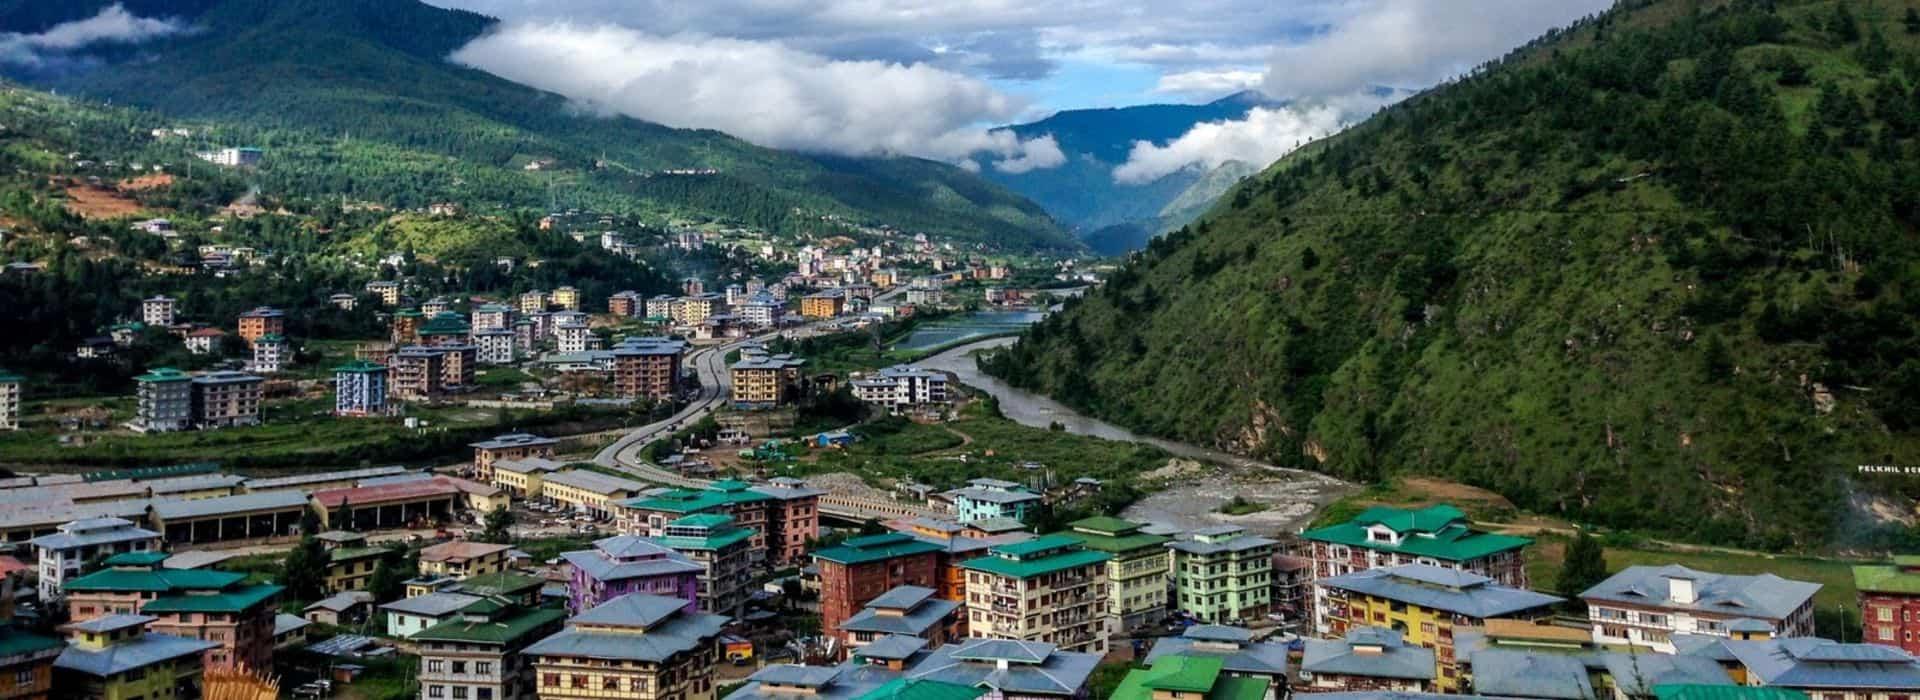 Bhutan in June